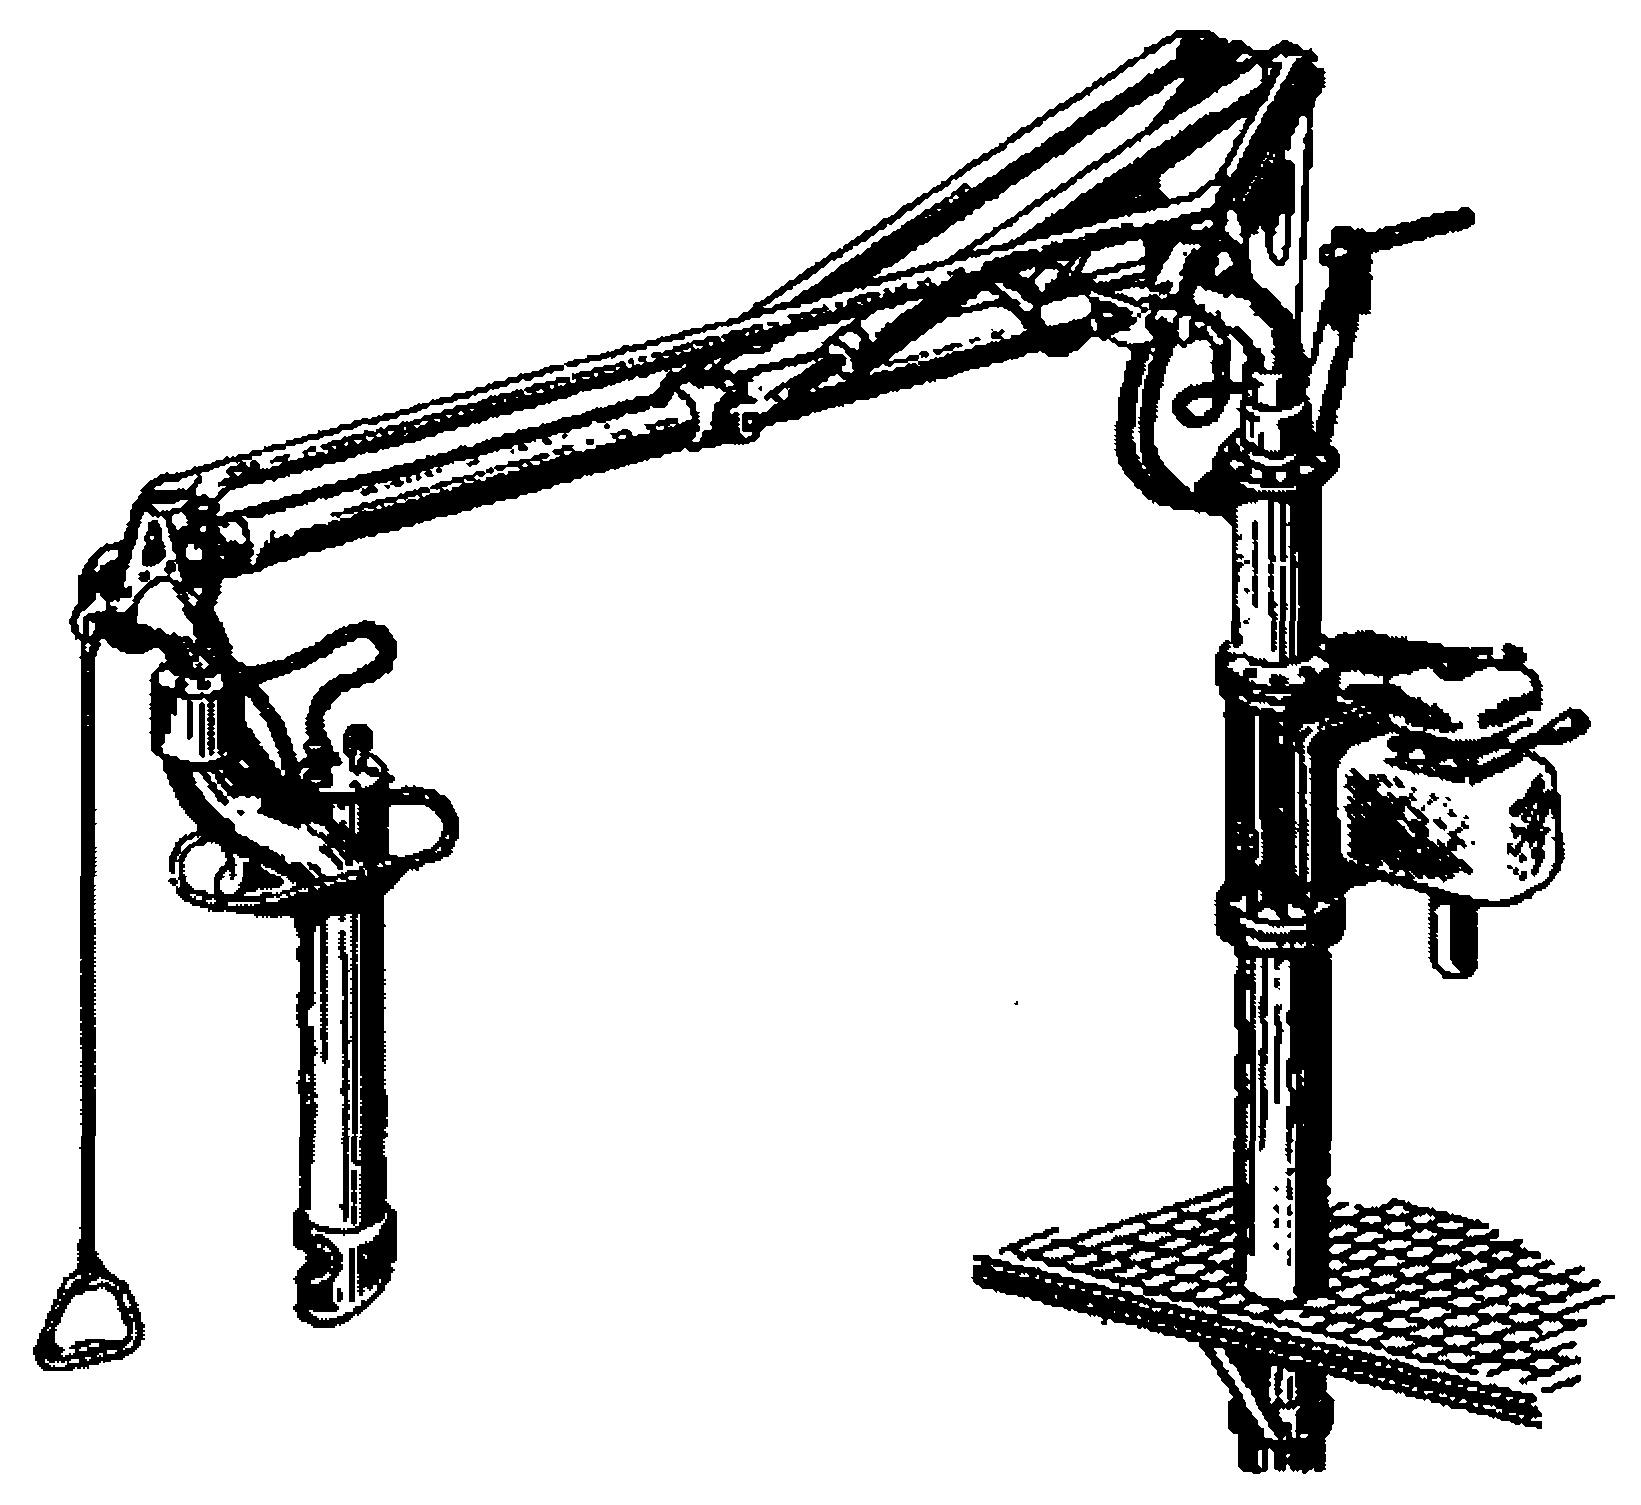 Установка автоматизированного налива АСН-2